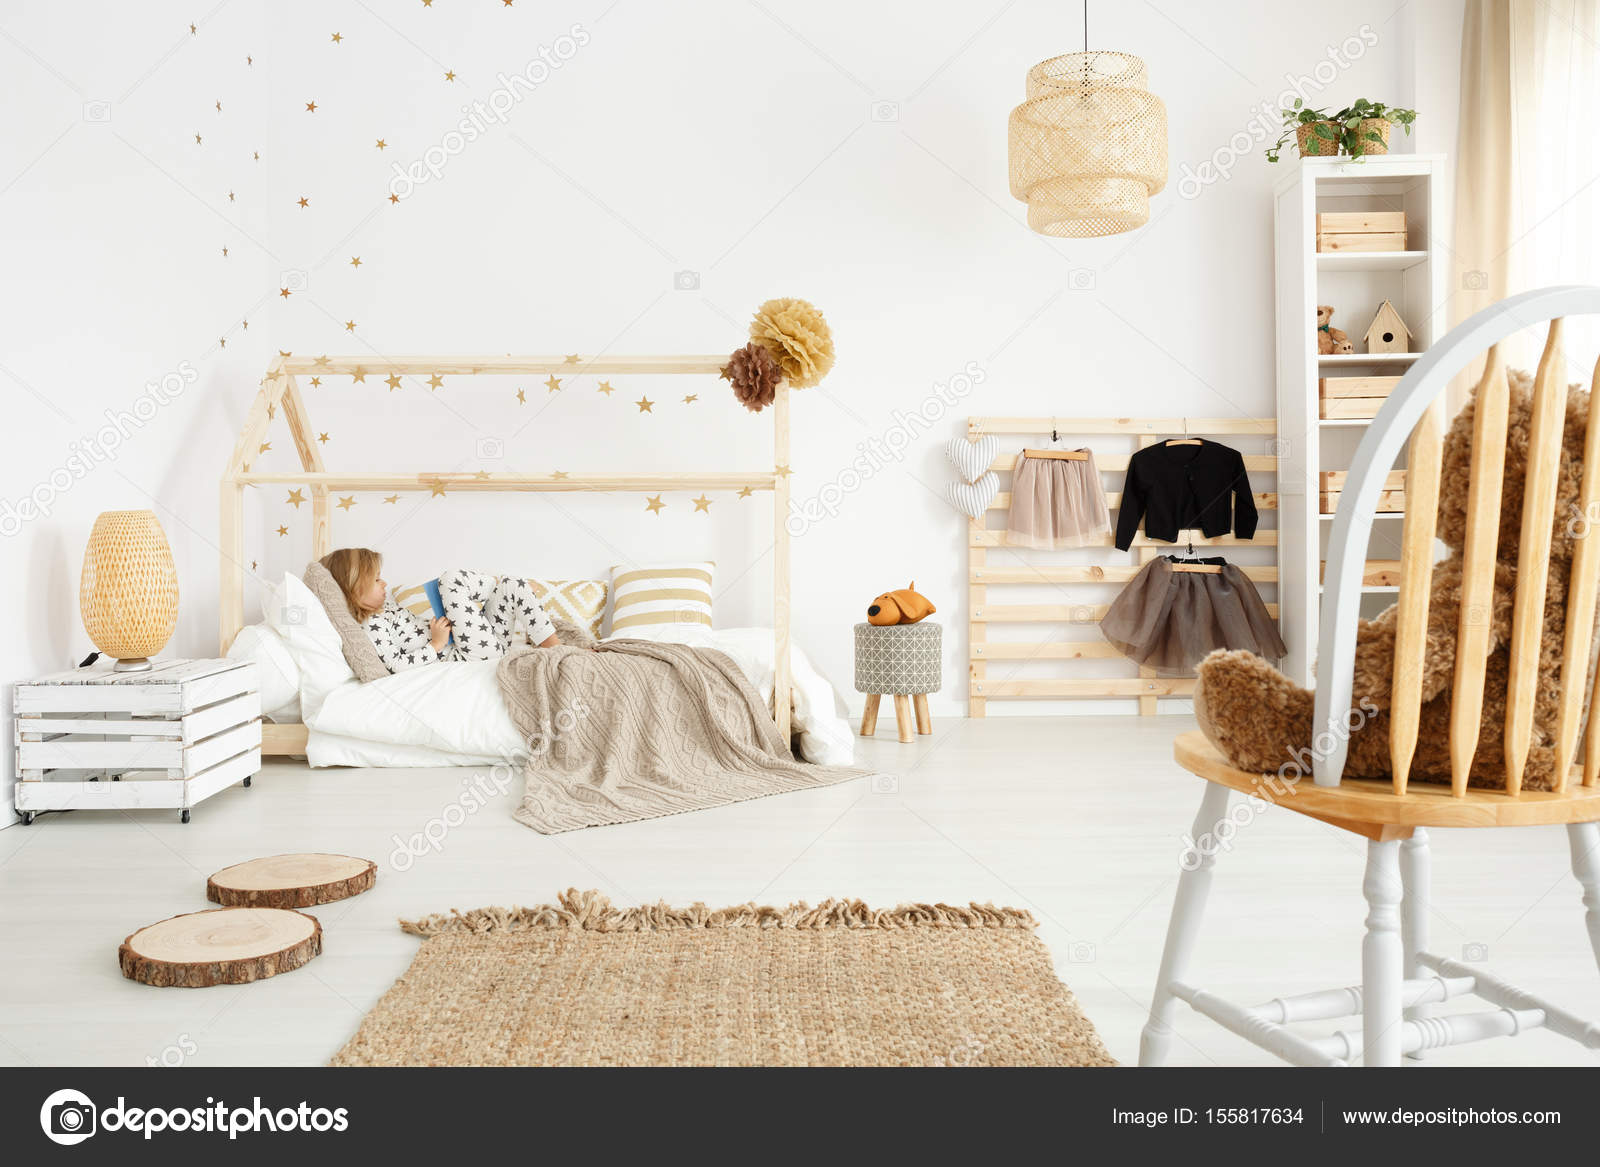 Accessori Per Camera Da Letto Bianca : Camera da letto scandinavo con accessori eco compatibili u foto